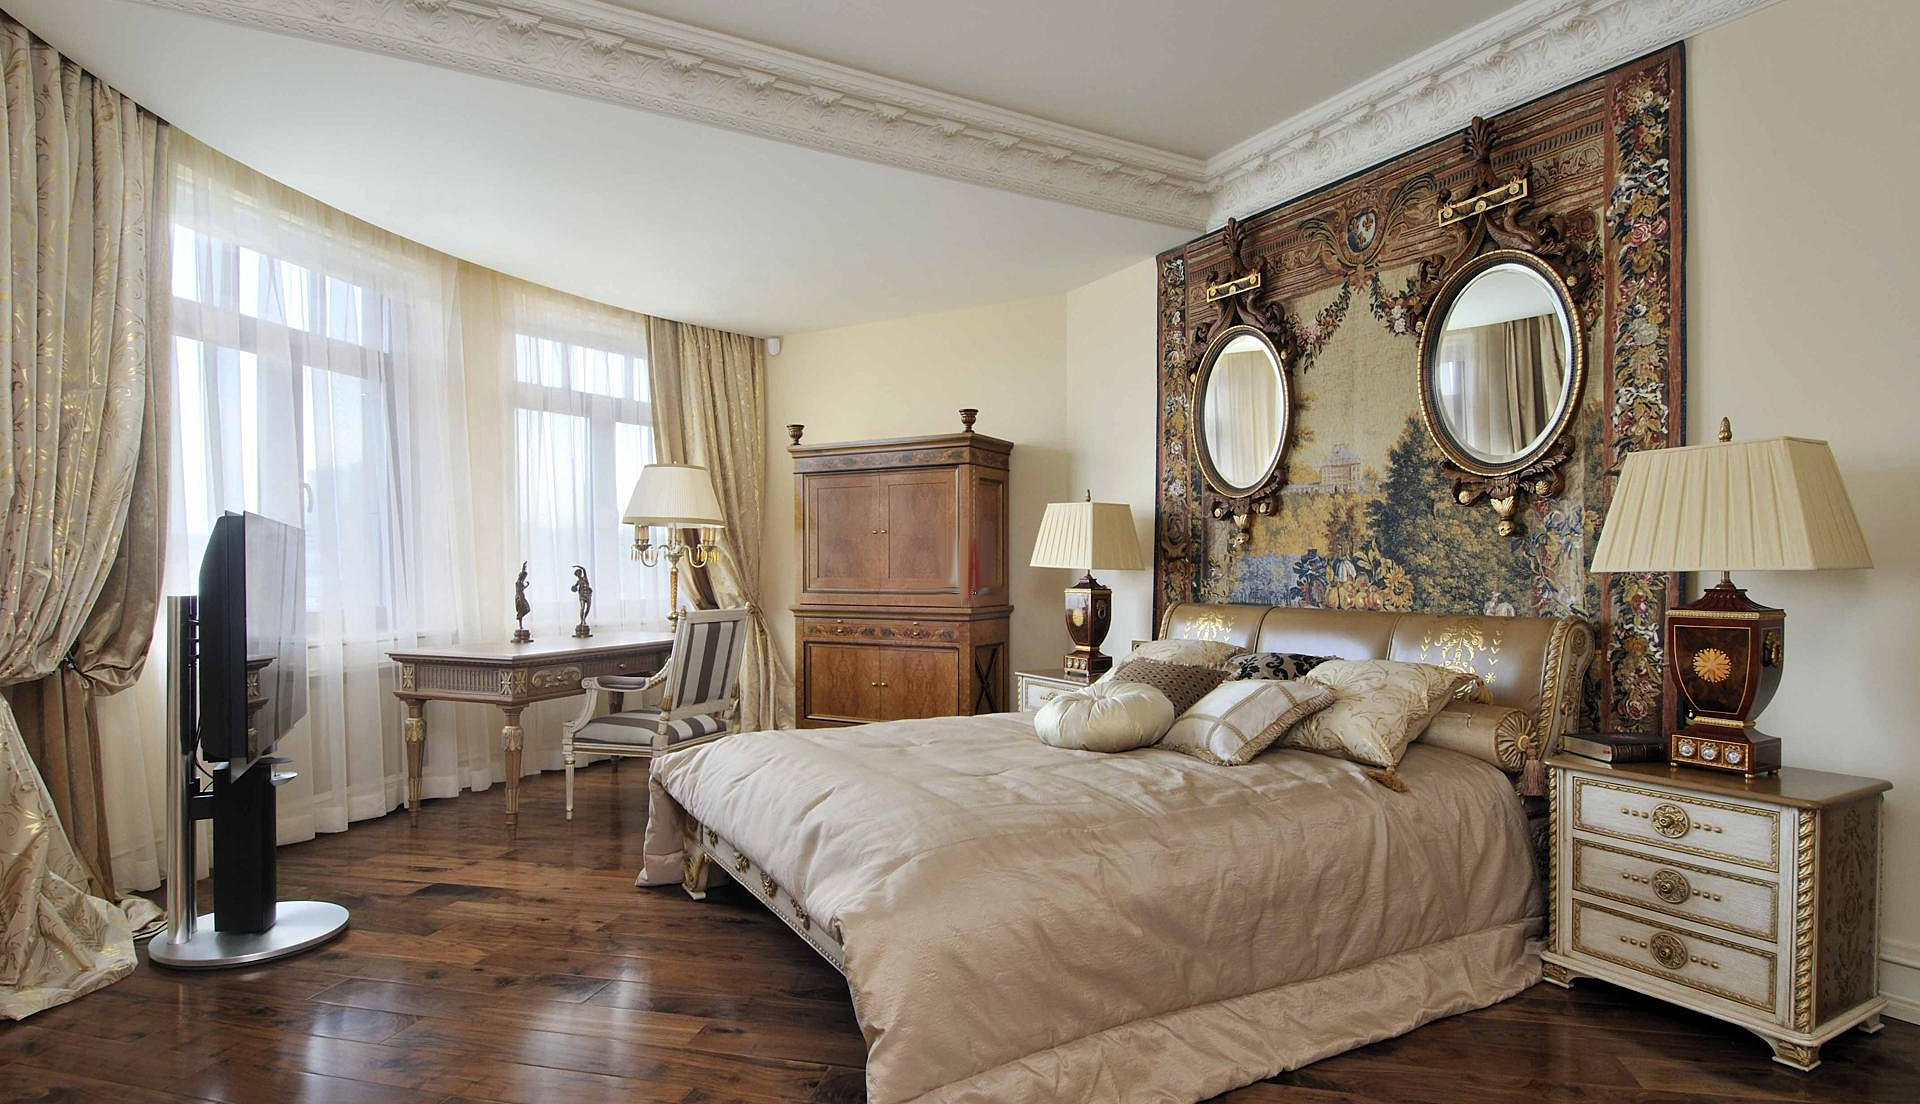 Мебель в стиле Ренессанс